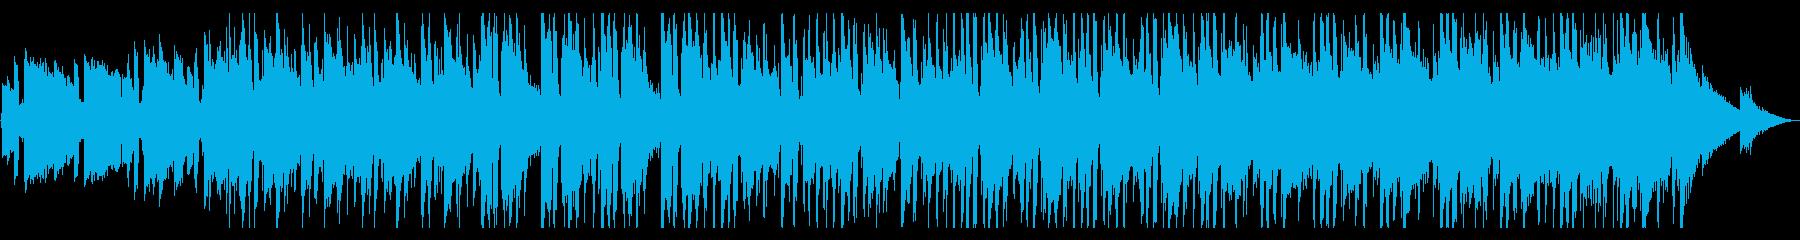 怪しく陰鬱感漂うジャズ風ポストロックの再生済みの波形